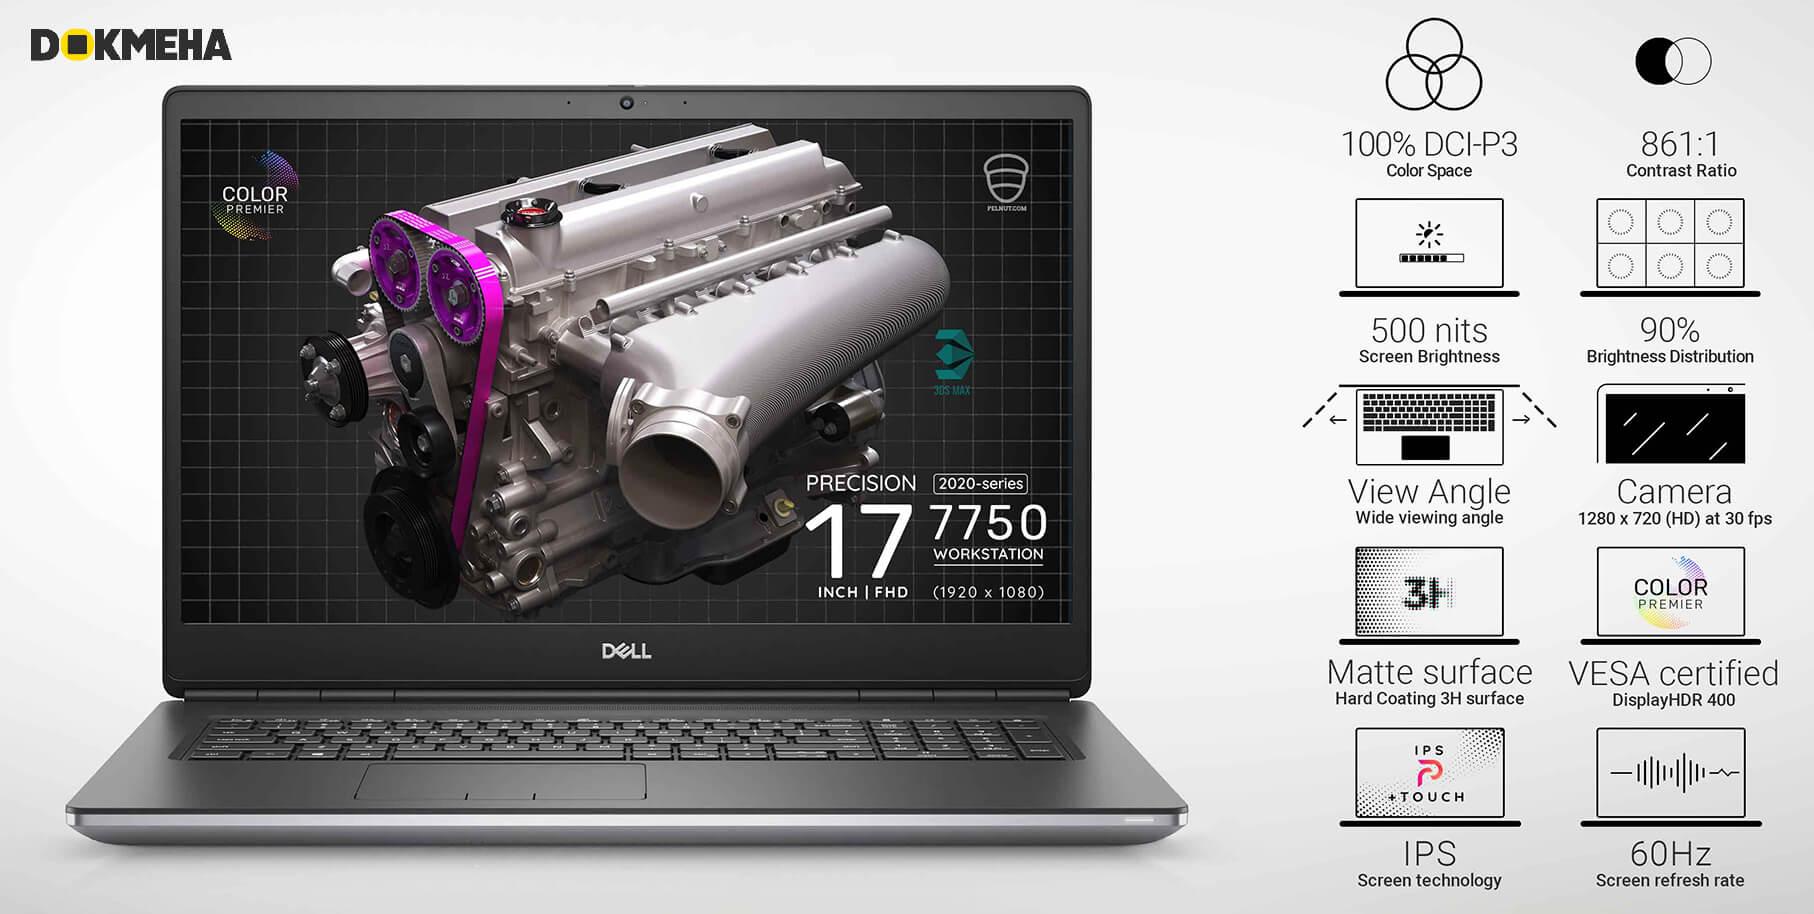 لپ تاپ دل Dell Precision 17 7750